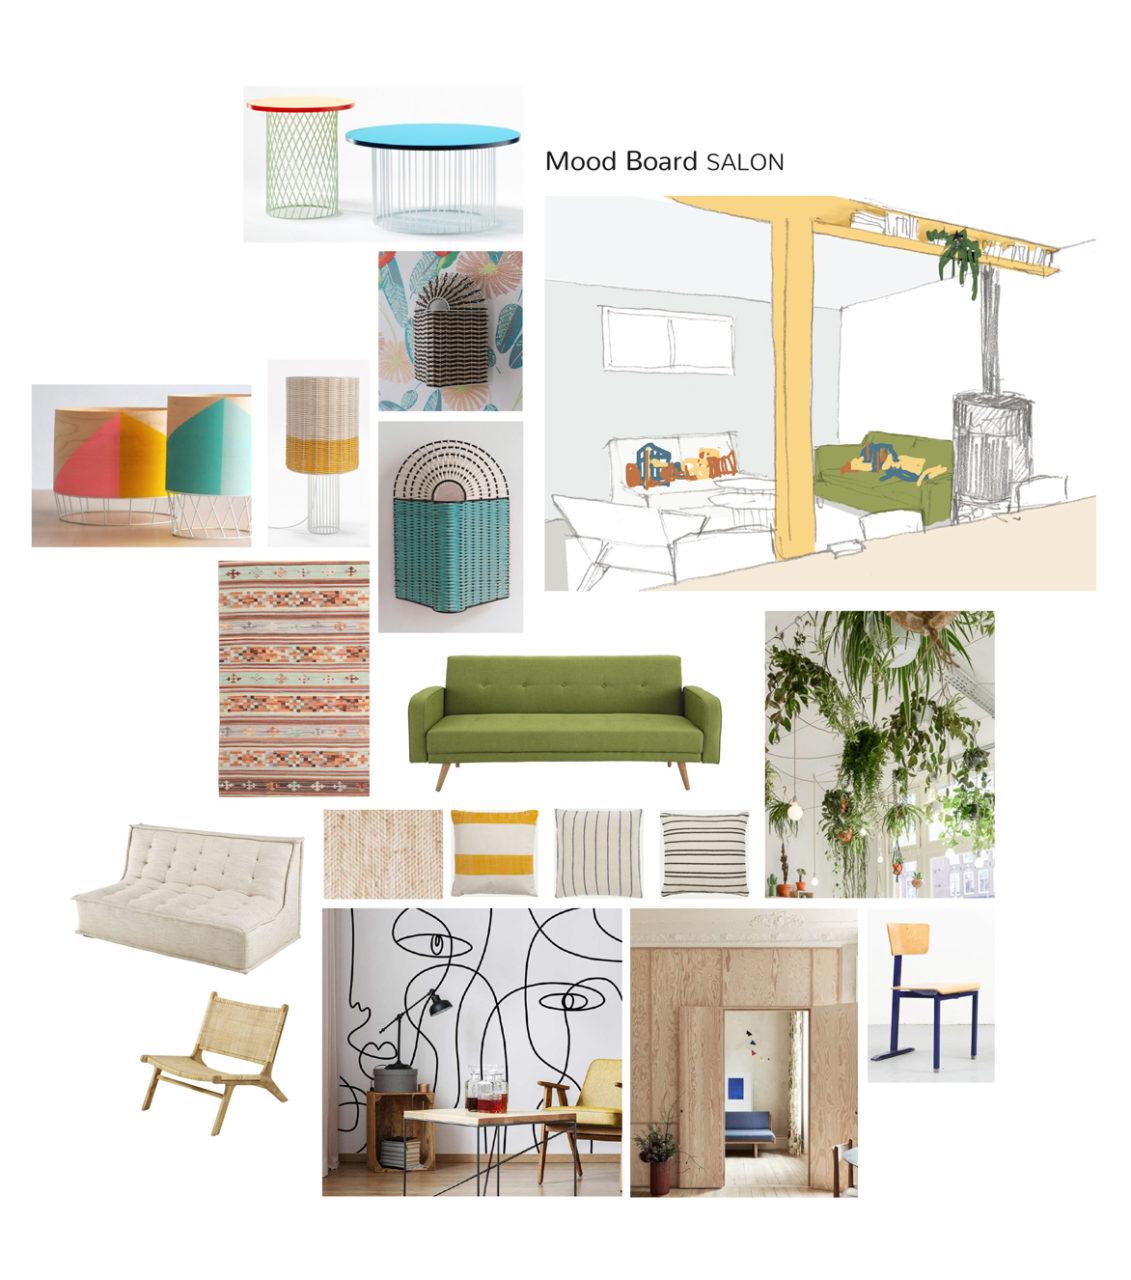 Mood Board et mobiliers du projet en cours de co-living Villejuif, ses teintes gaies et vives sur fond de parois bois et la pré-visualisation de l'espace salon.